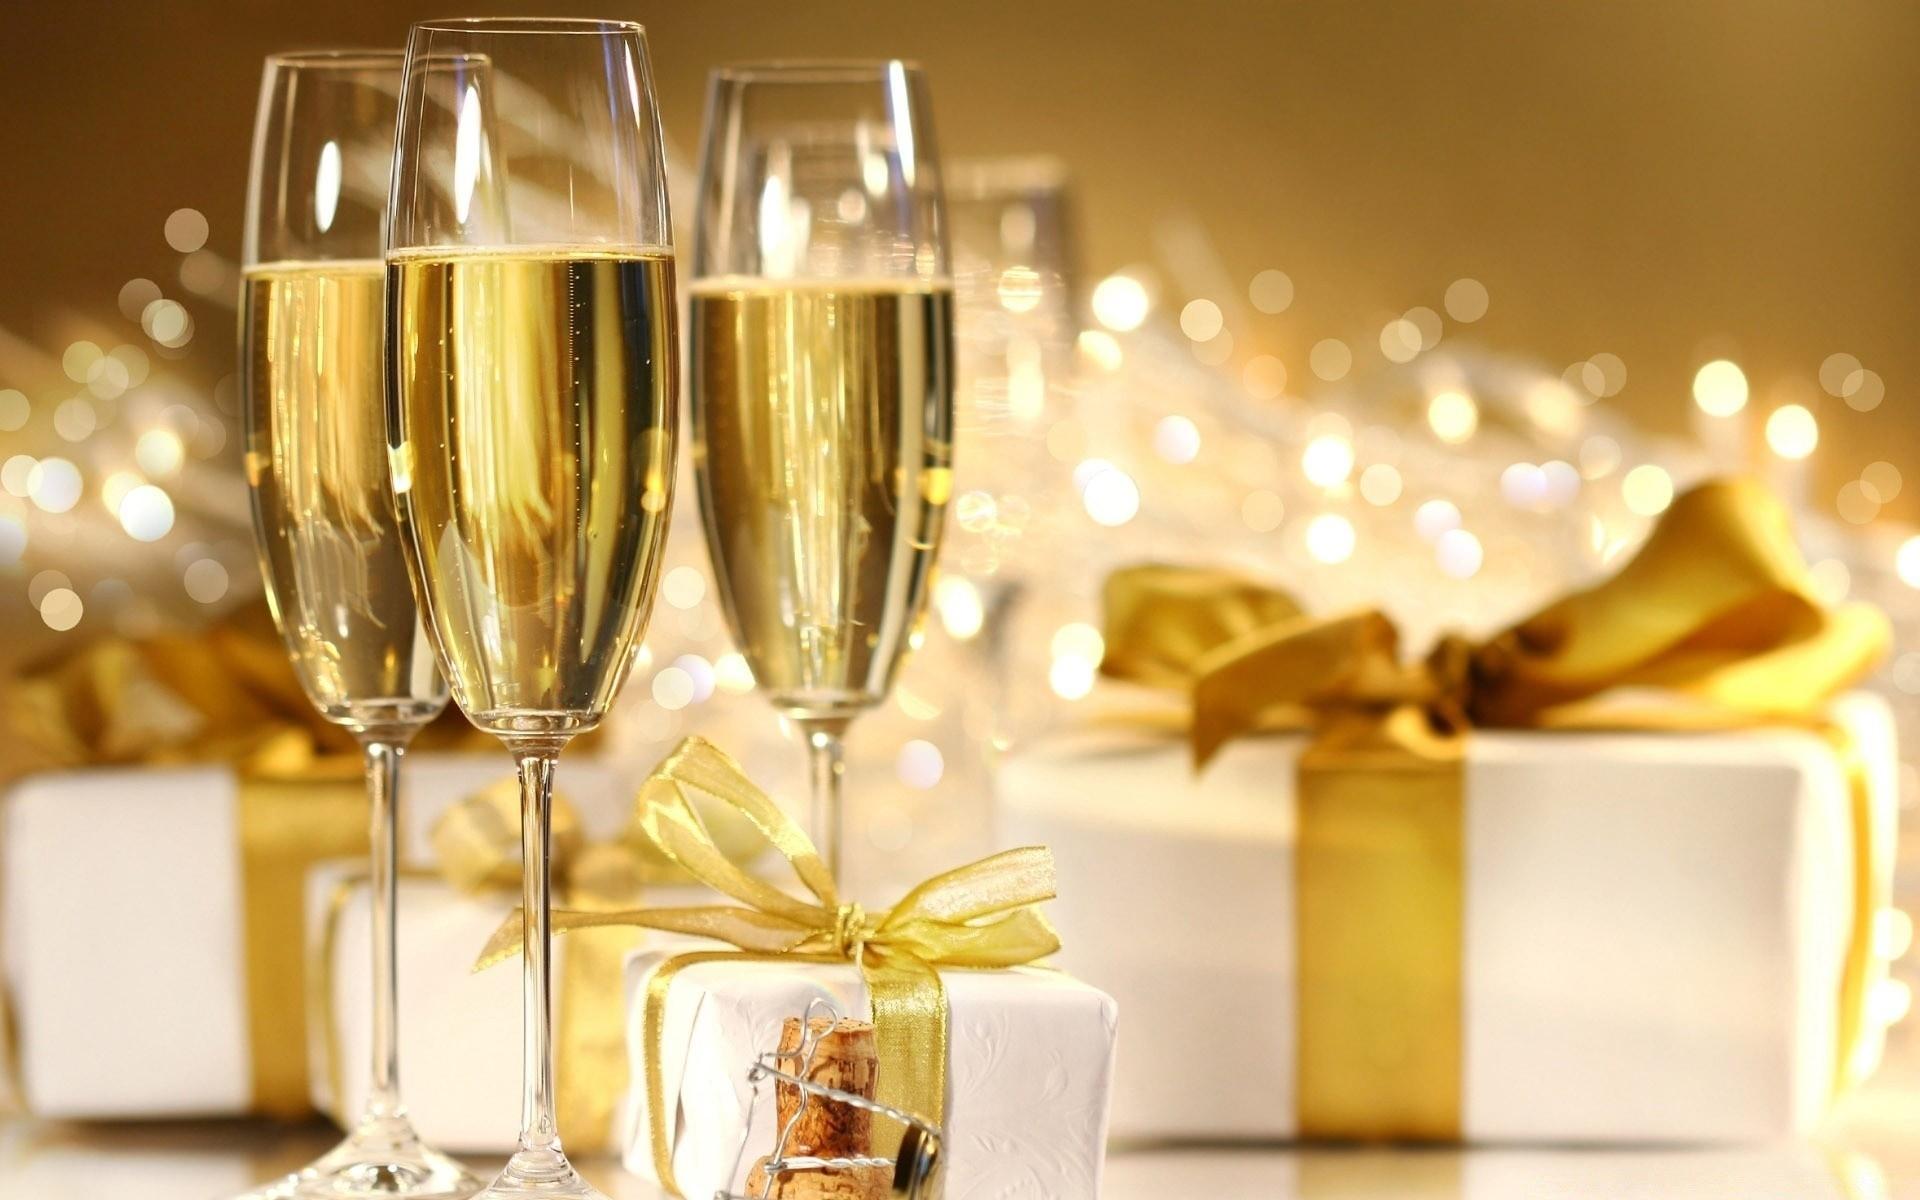 Открытка с днем рождения в новый год